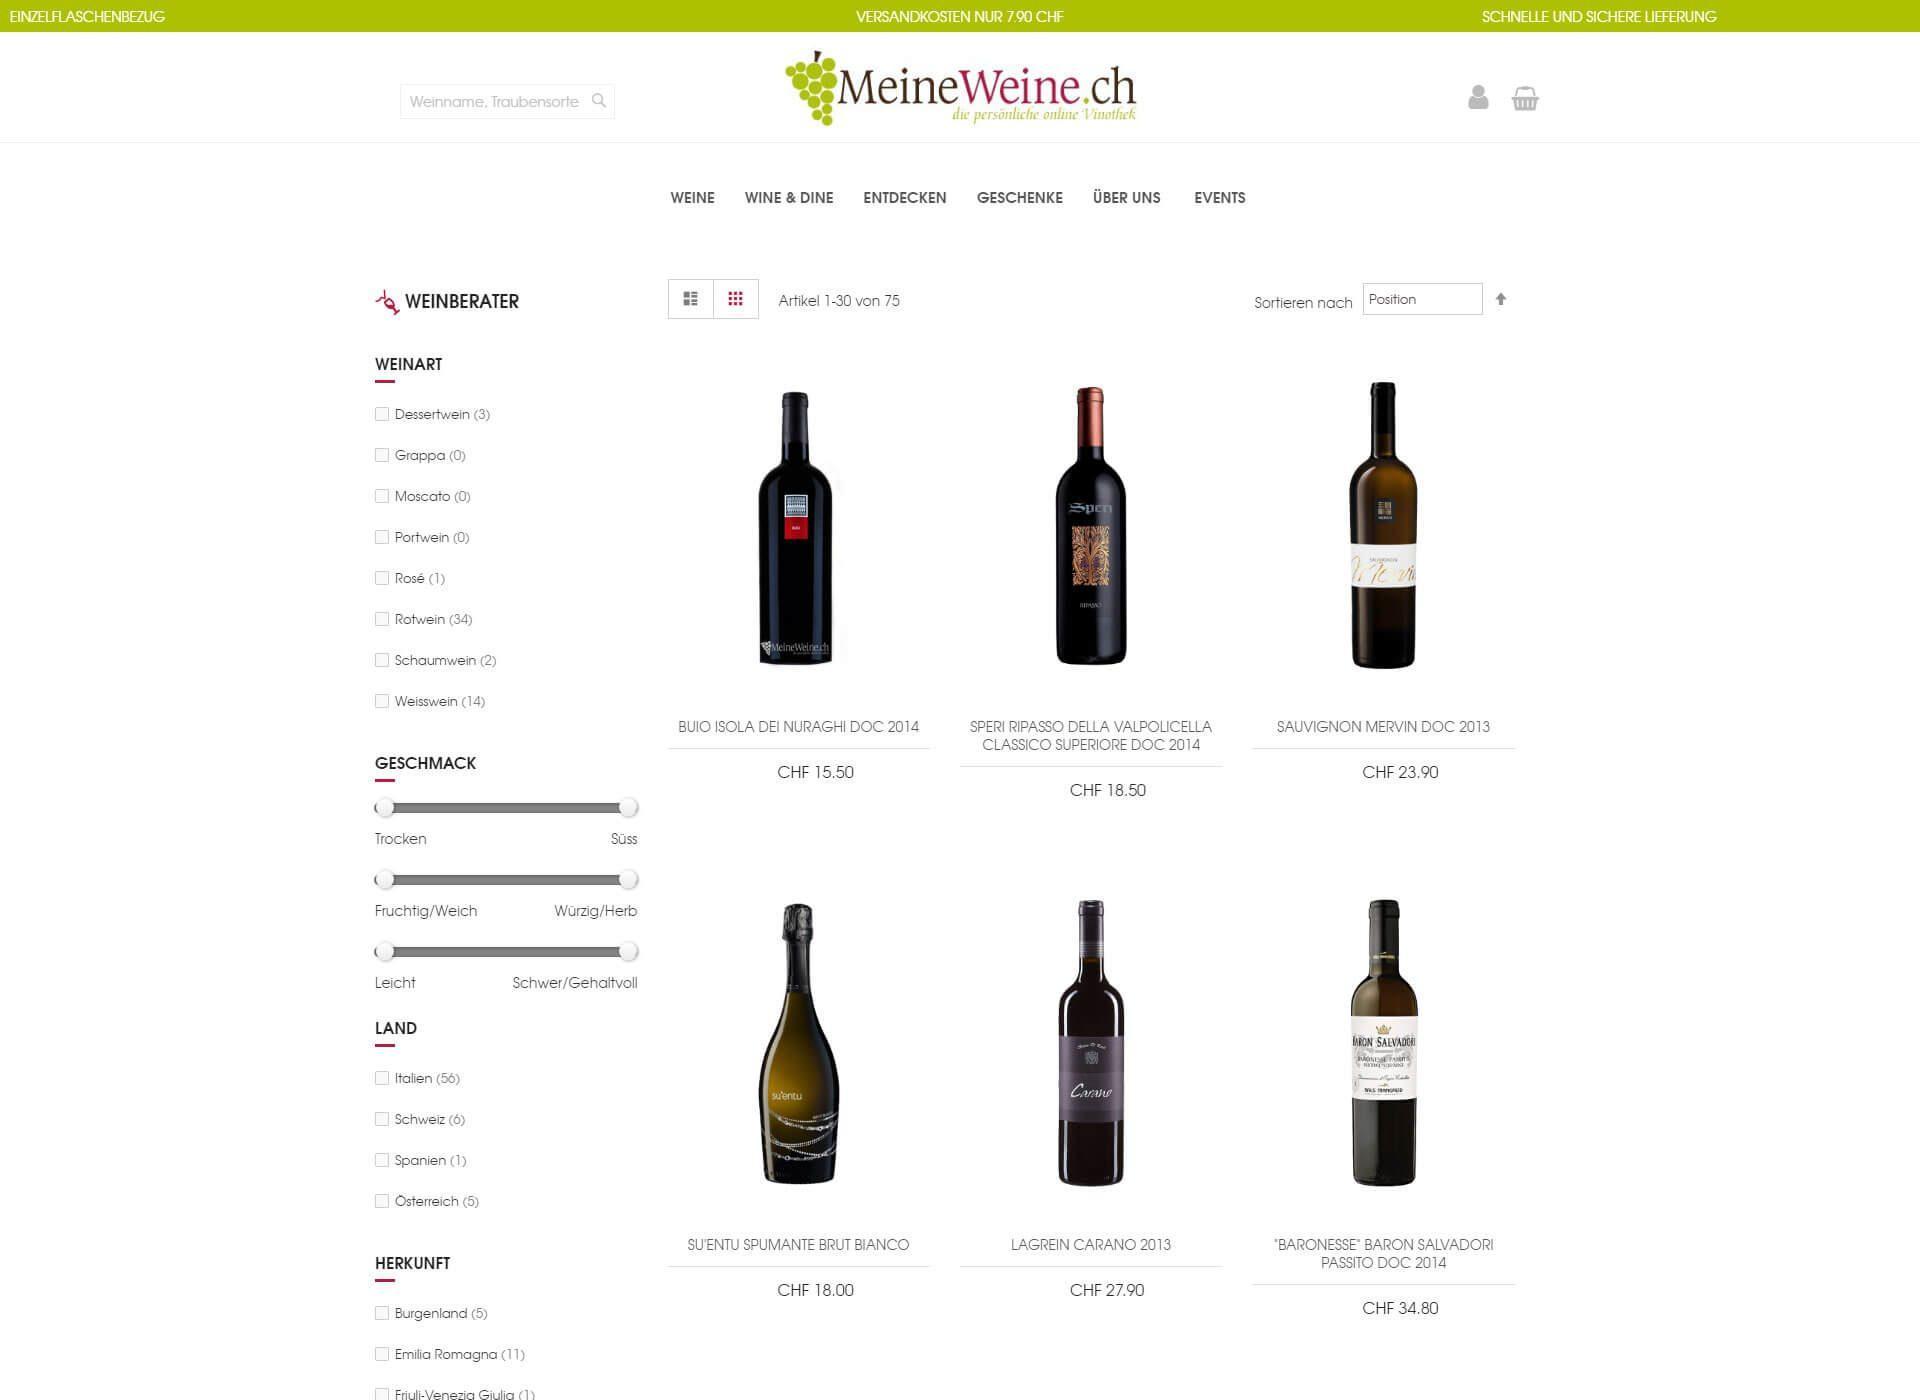 meineweine.ch_product